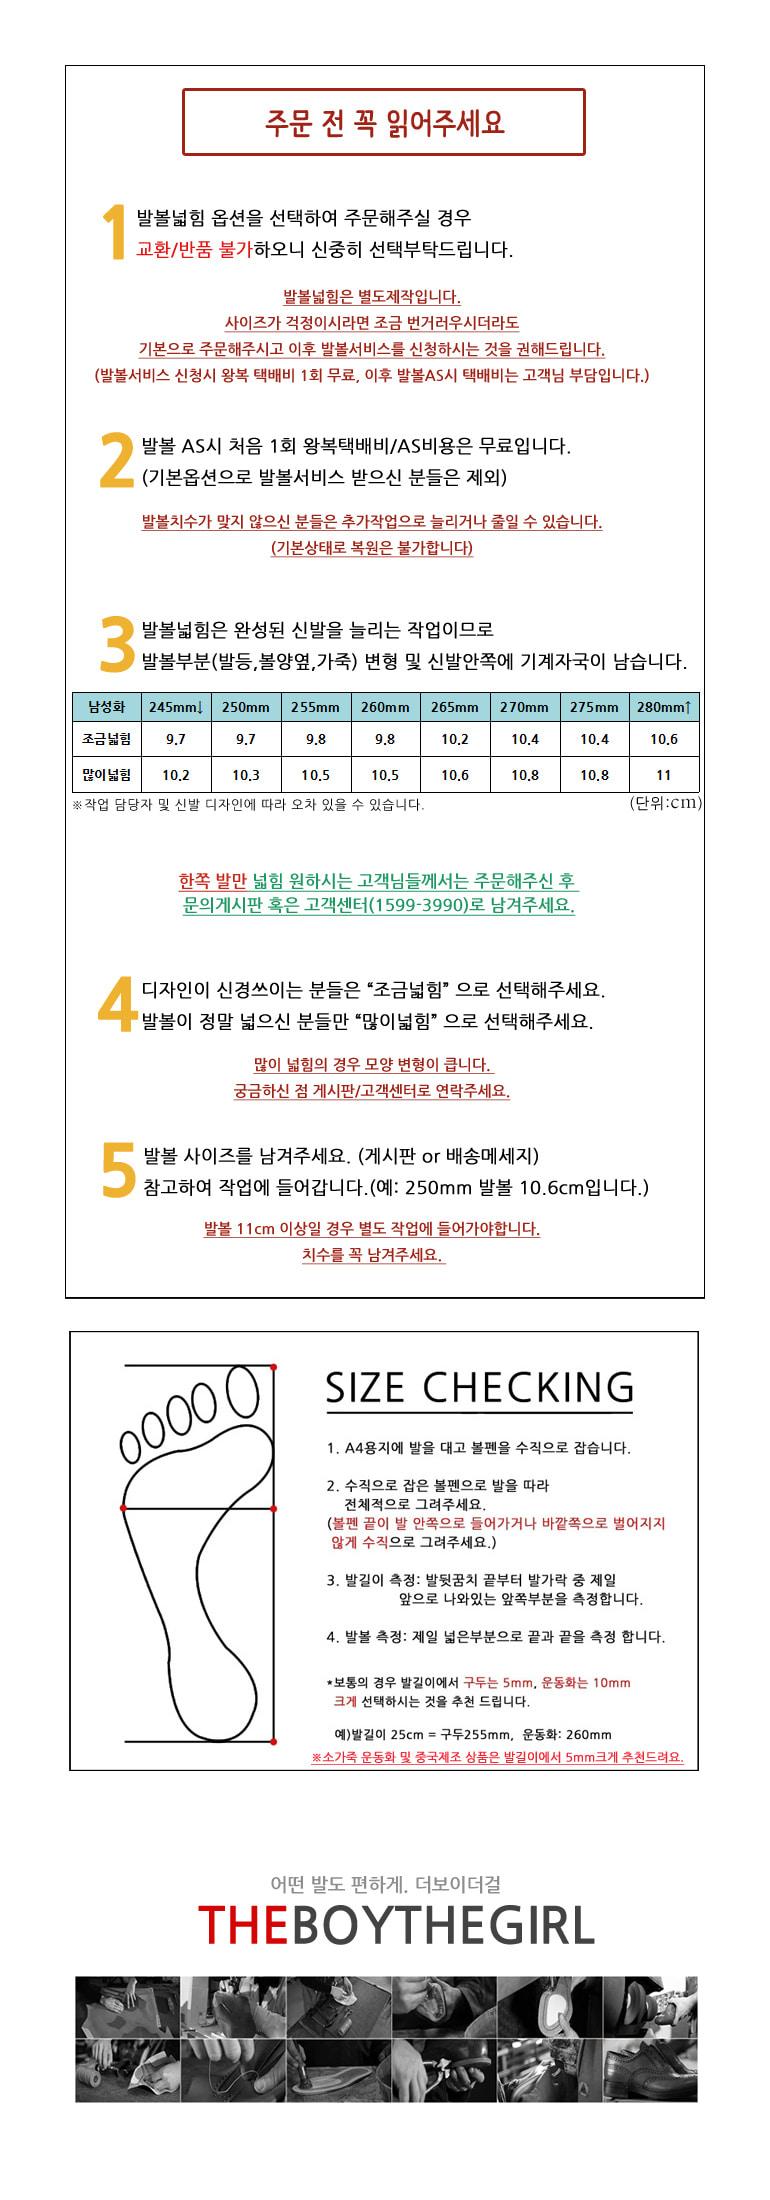 더보이더걸MC-4178 편한 남자정장운동화 컴포트화 - 더보이더걸, 59,900원, 로퍼/옥스퍼드, 로퍼